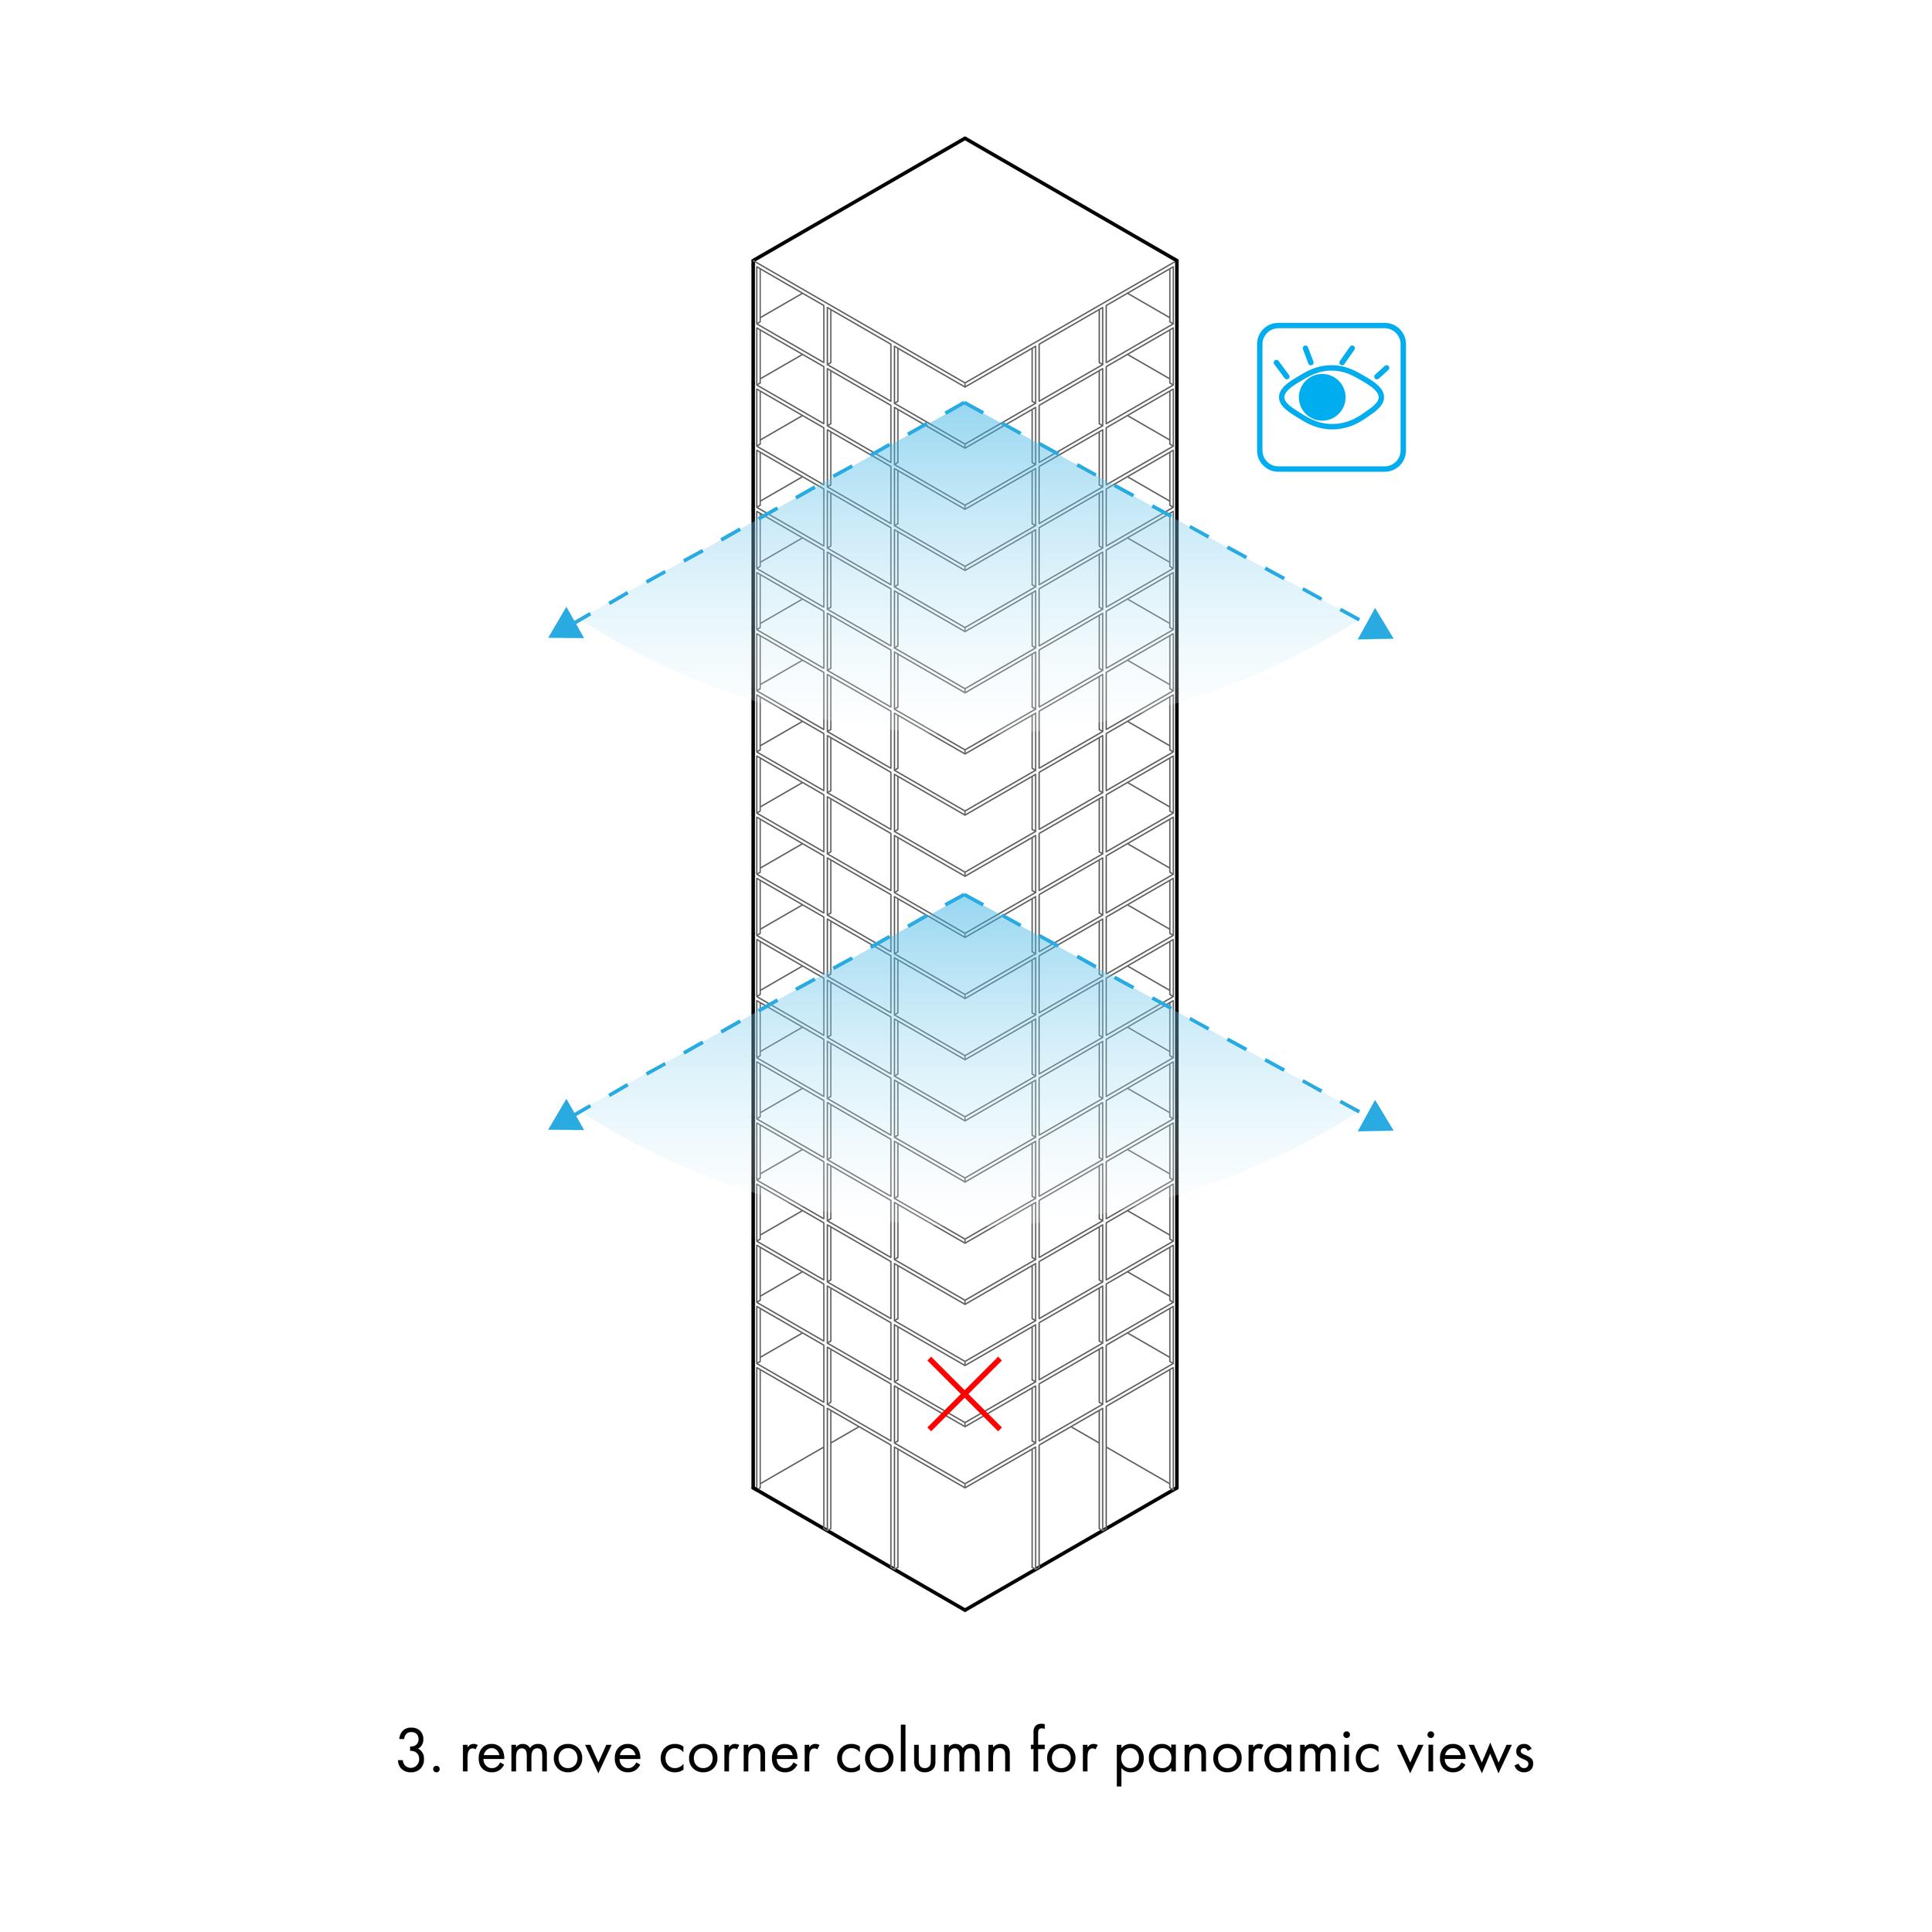 diagram_3_text-01.png